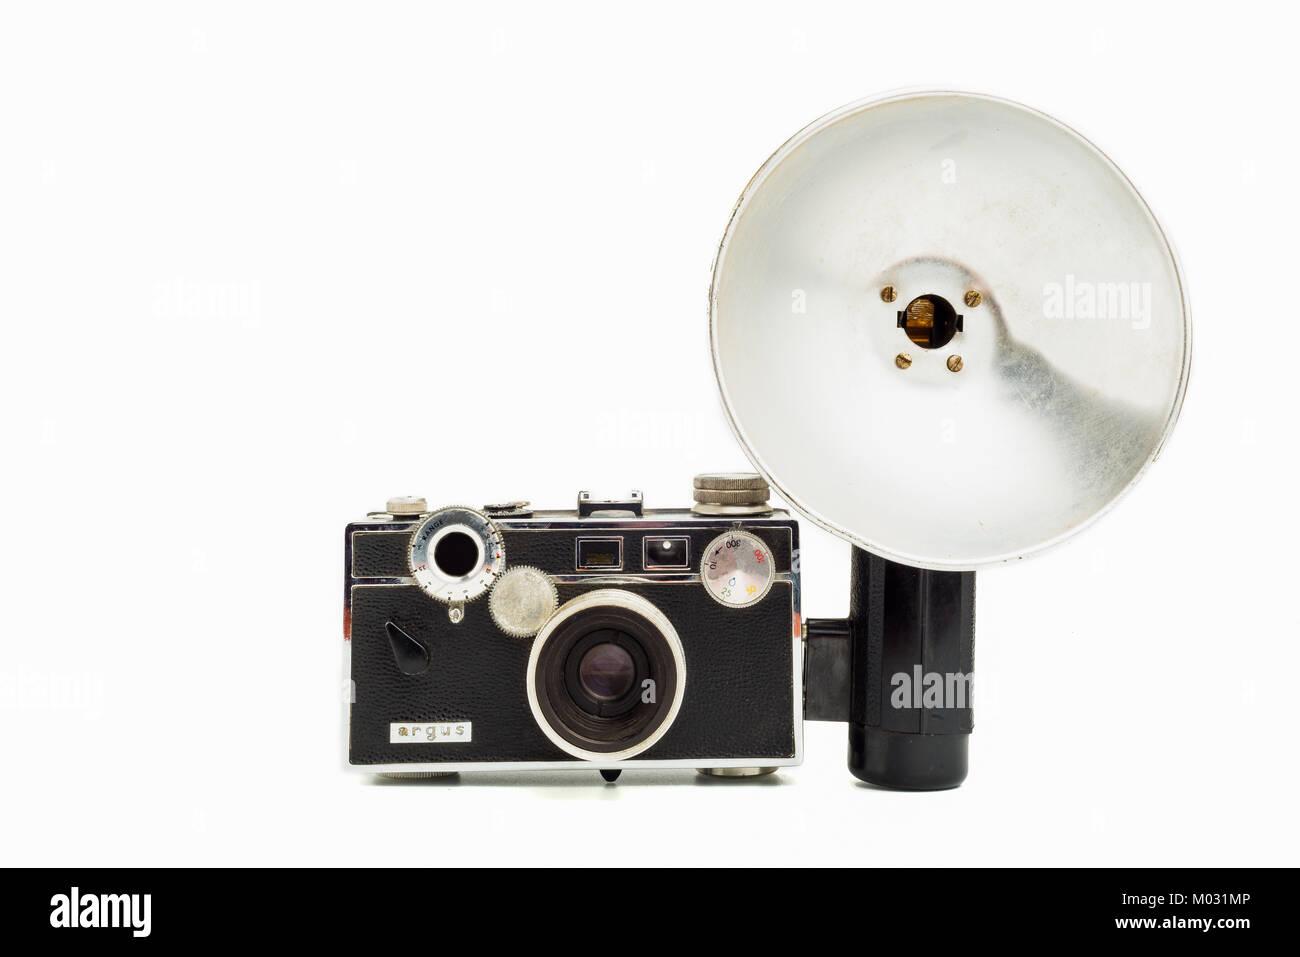 Badajoz, Spain, monday. january 8  2018. Argus C3, 35mm film camera wit flash on white background - Stock Image